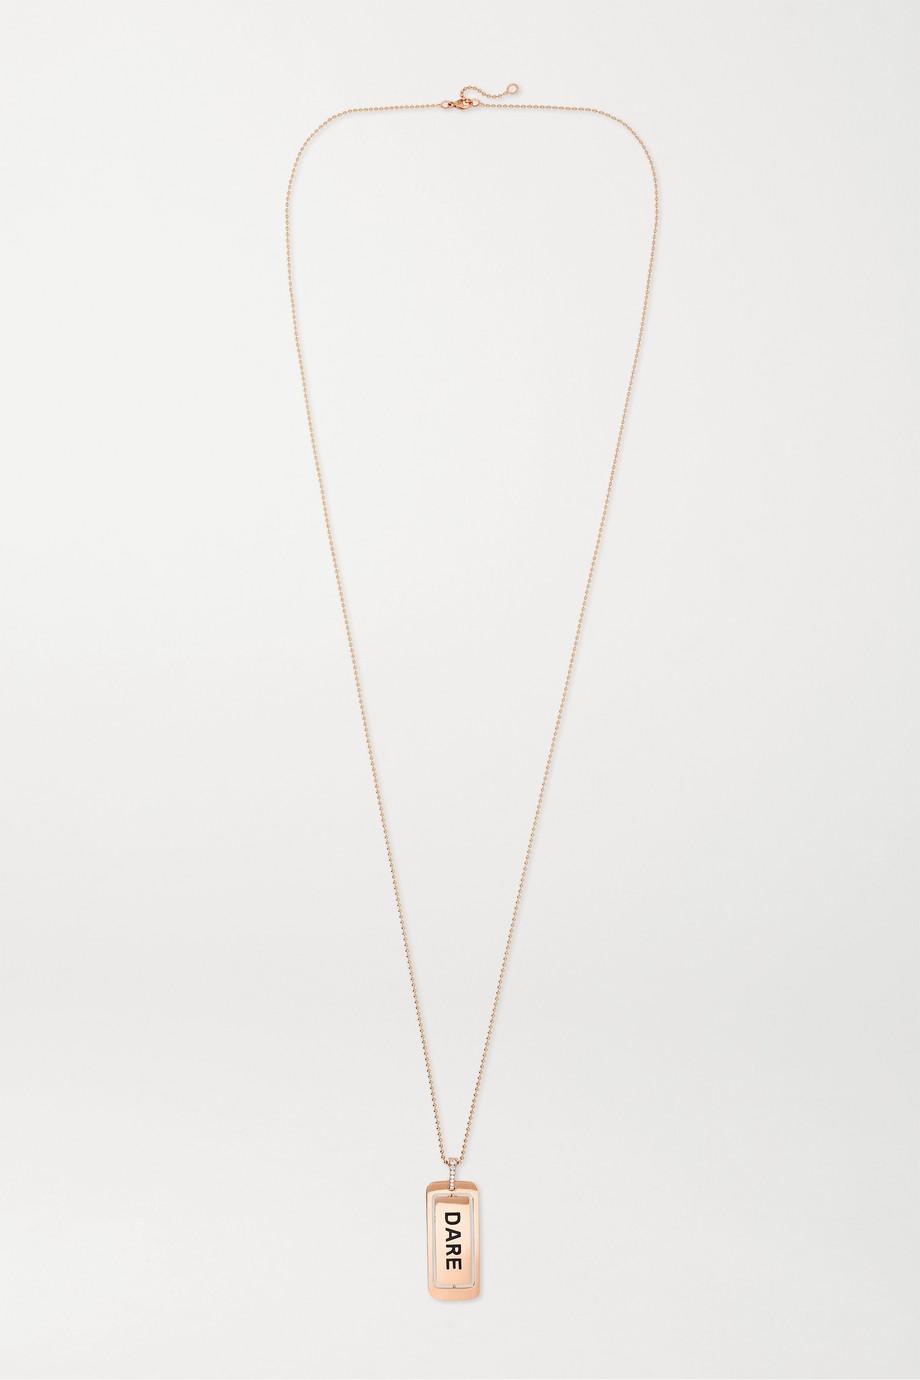 Diane Kordas Collier en or rose 18 carats, émail et diamants